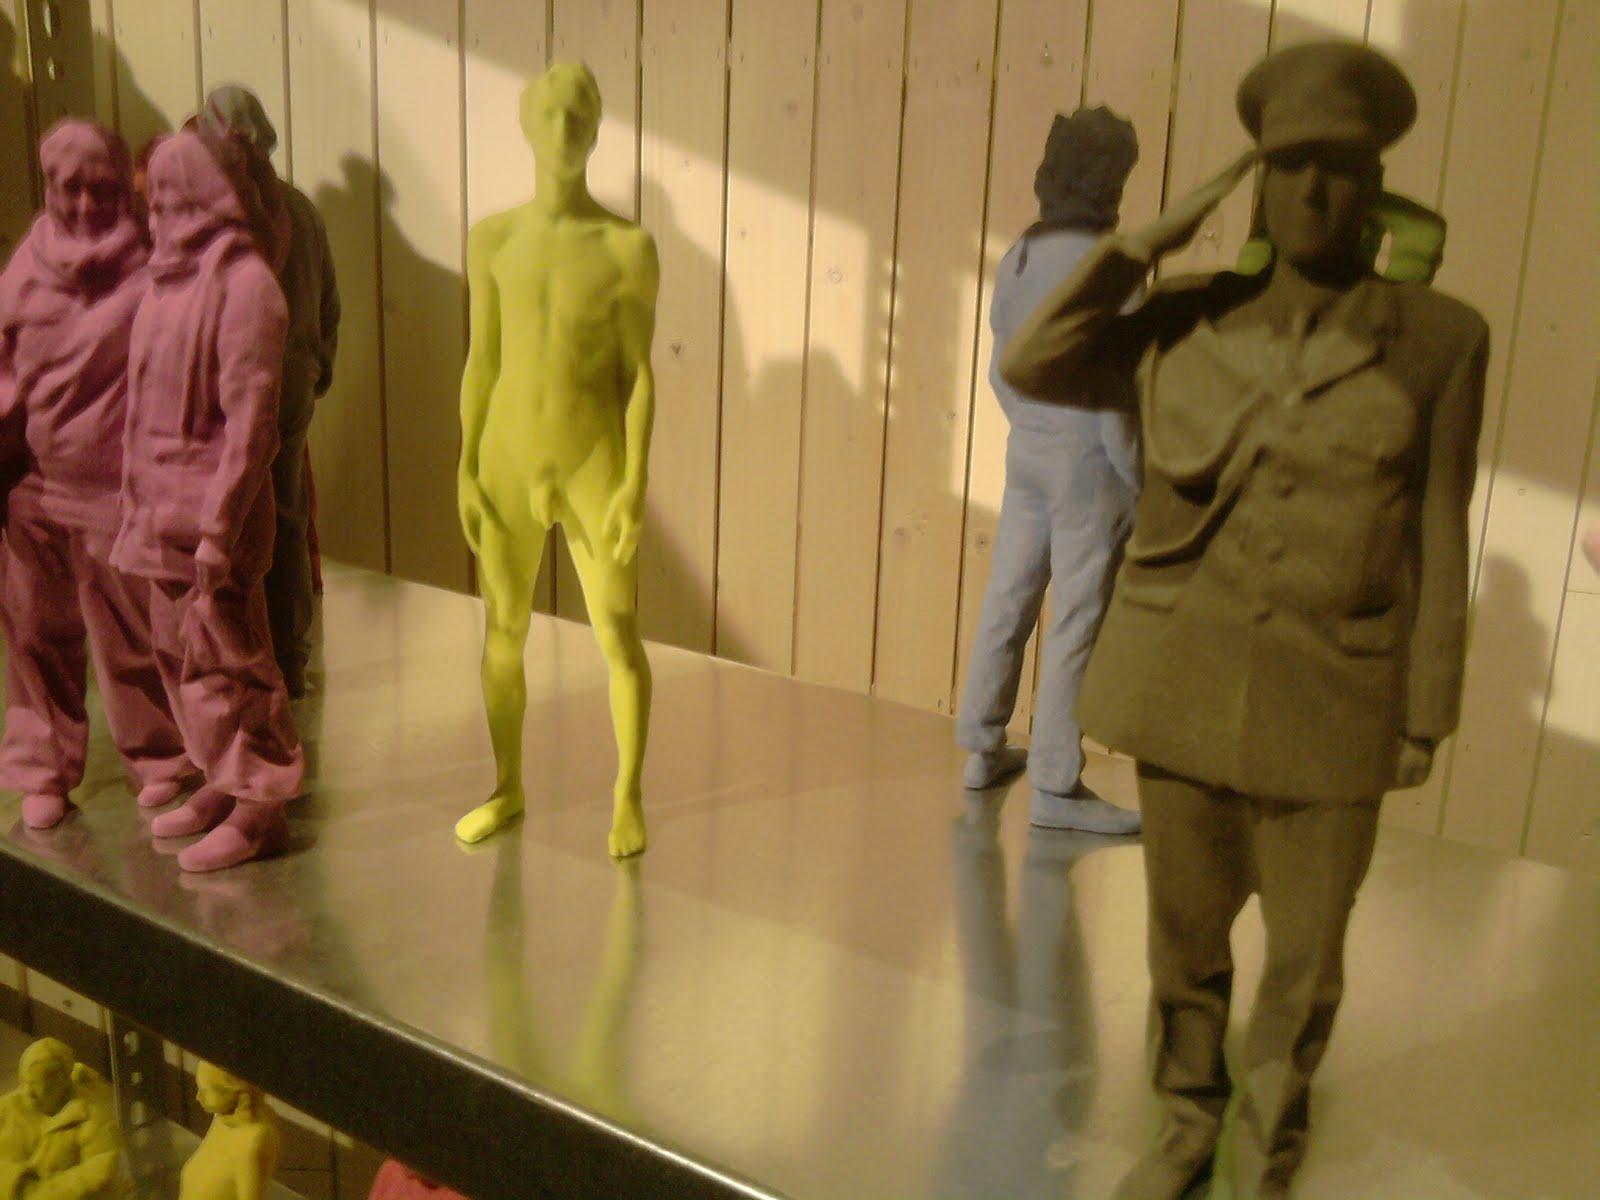 niet normaal, nog meer 3D-prints van ingescande mensen